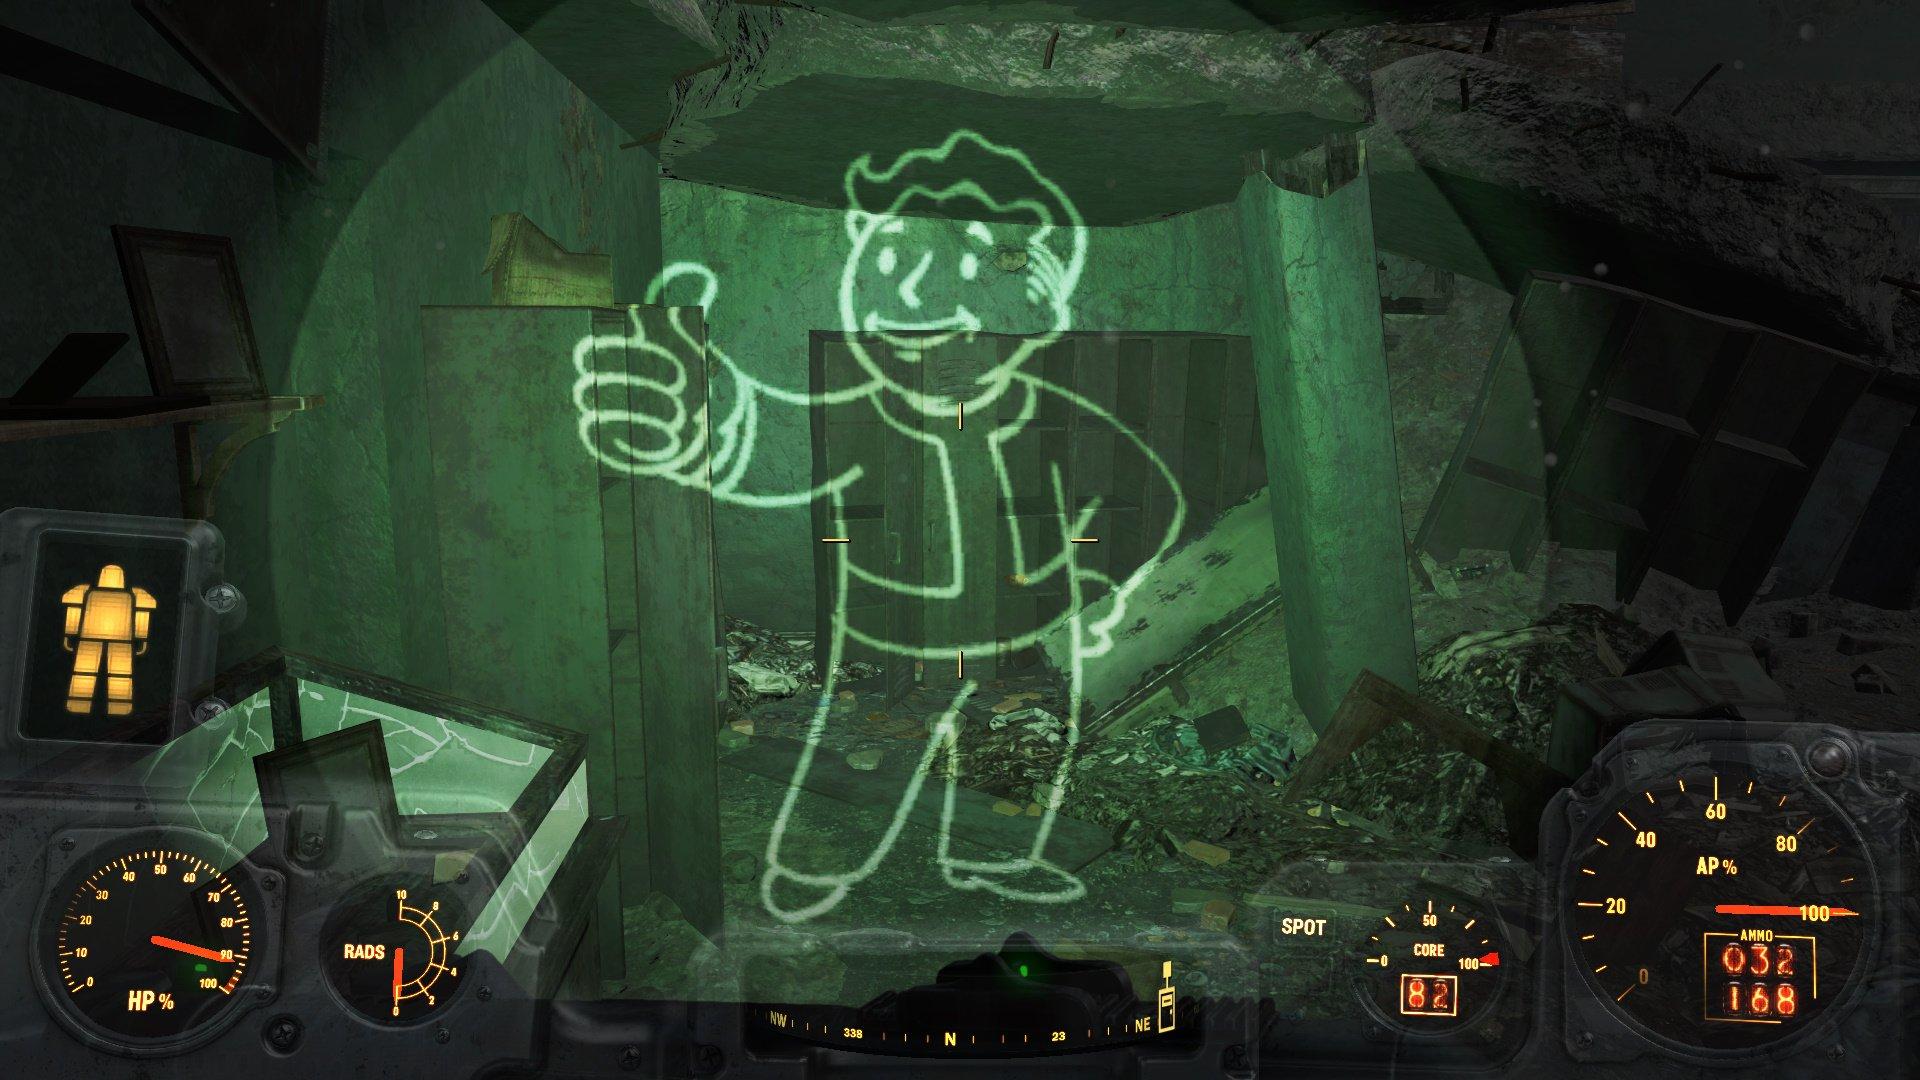 Сравнительный анализ (на самом деле нет) Fallout New Vegas vs. Fallout 4 (часть 1) - Изображение 1